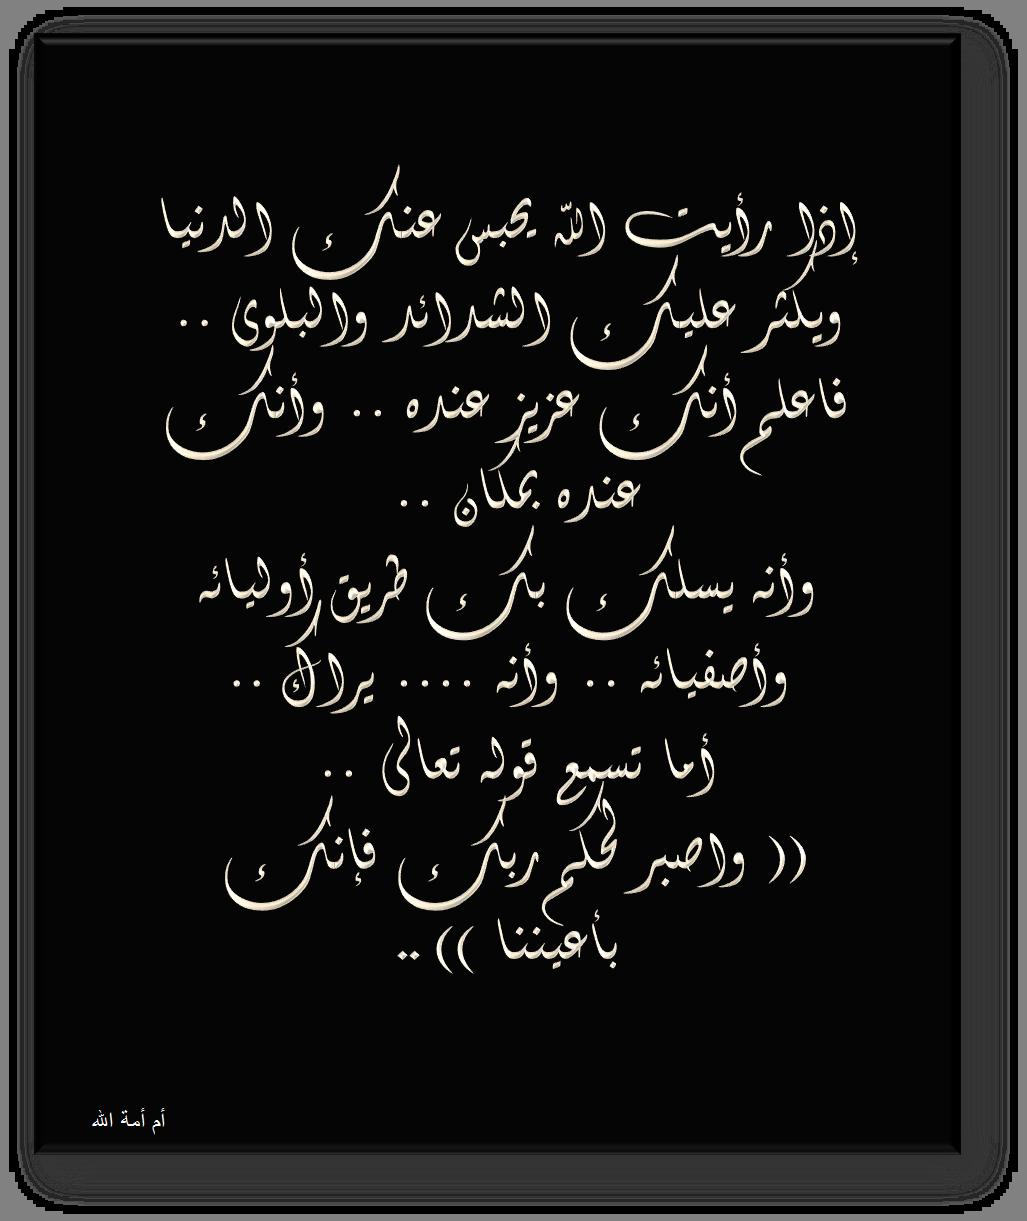 تصميمي أروع بطاقات إسلامية ،بطاقات إسلامية 3dlat.com_02_19_69aa